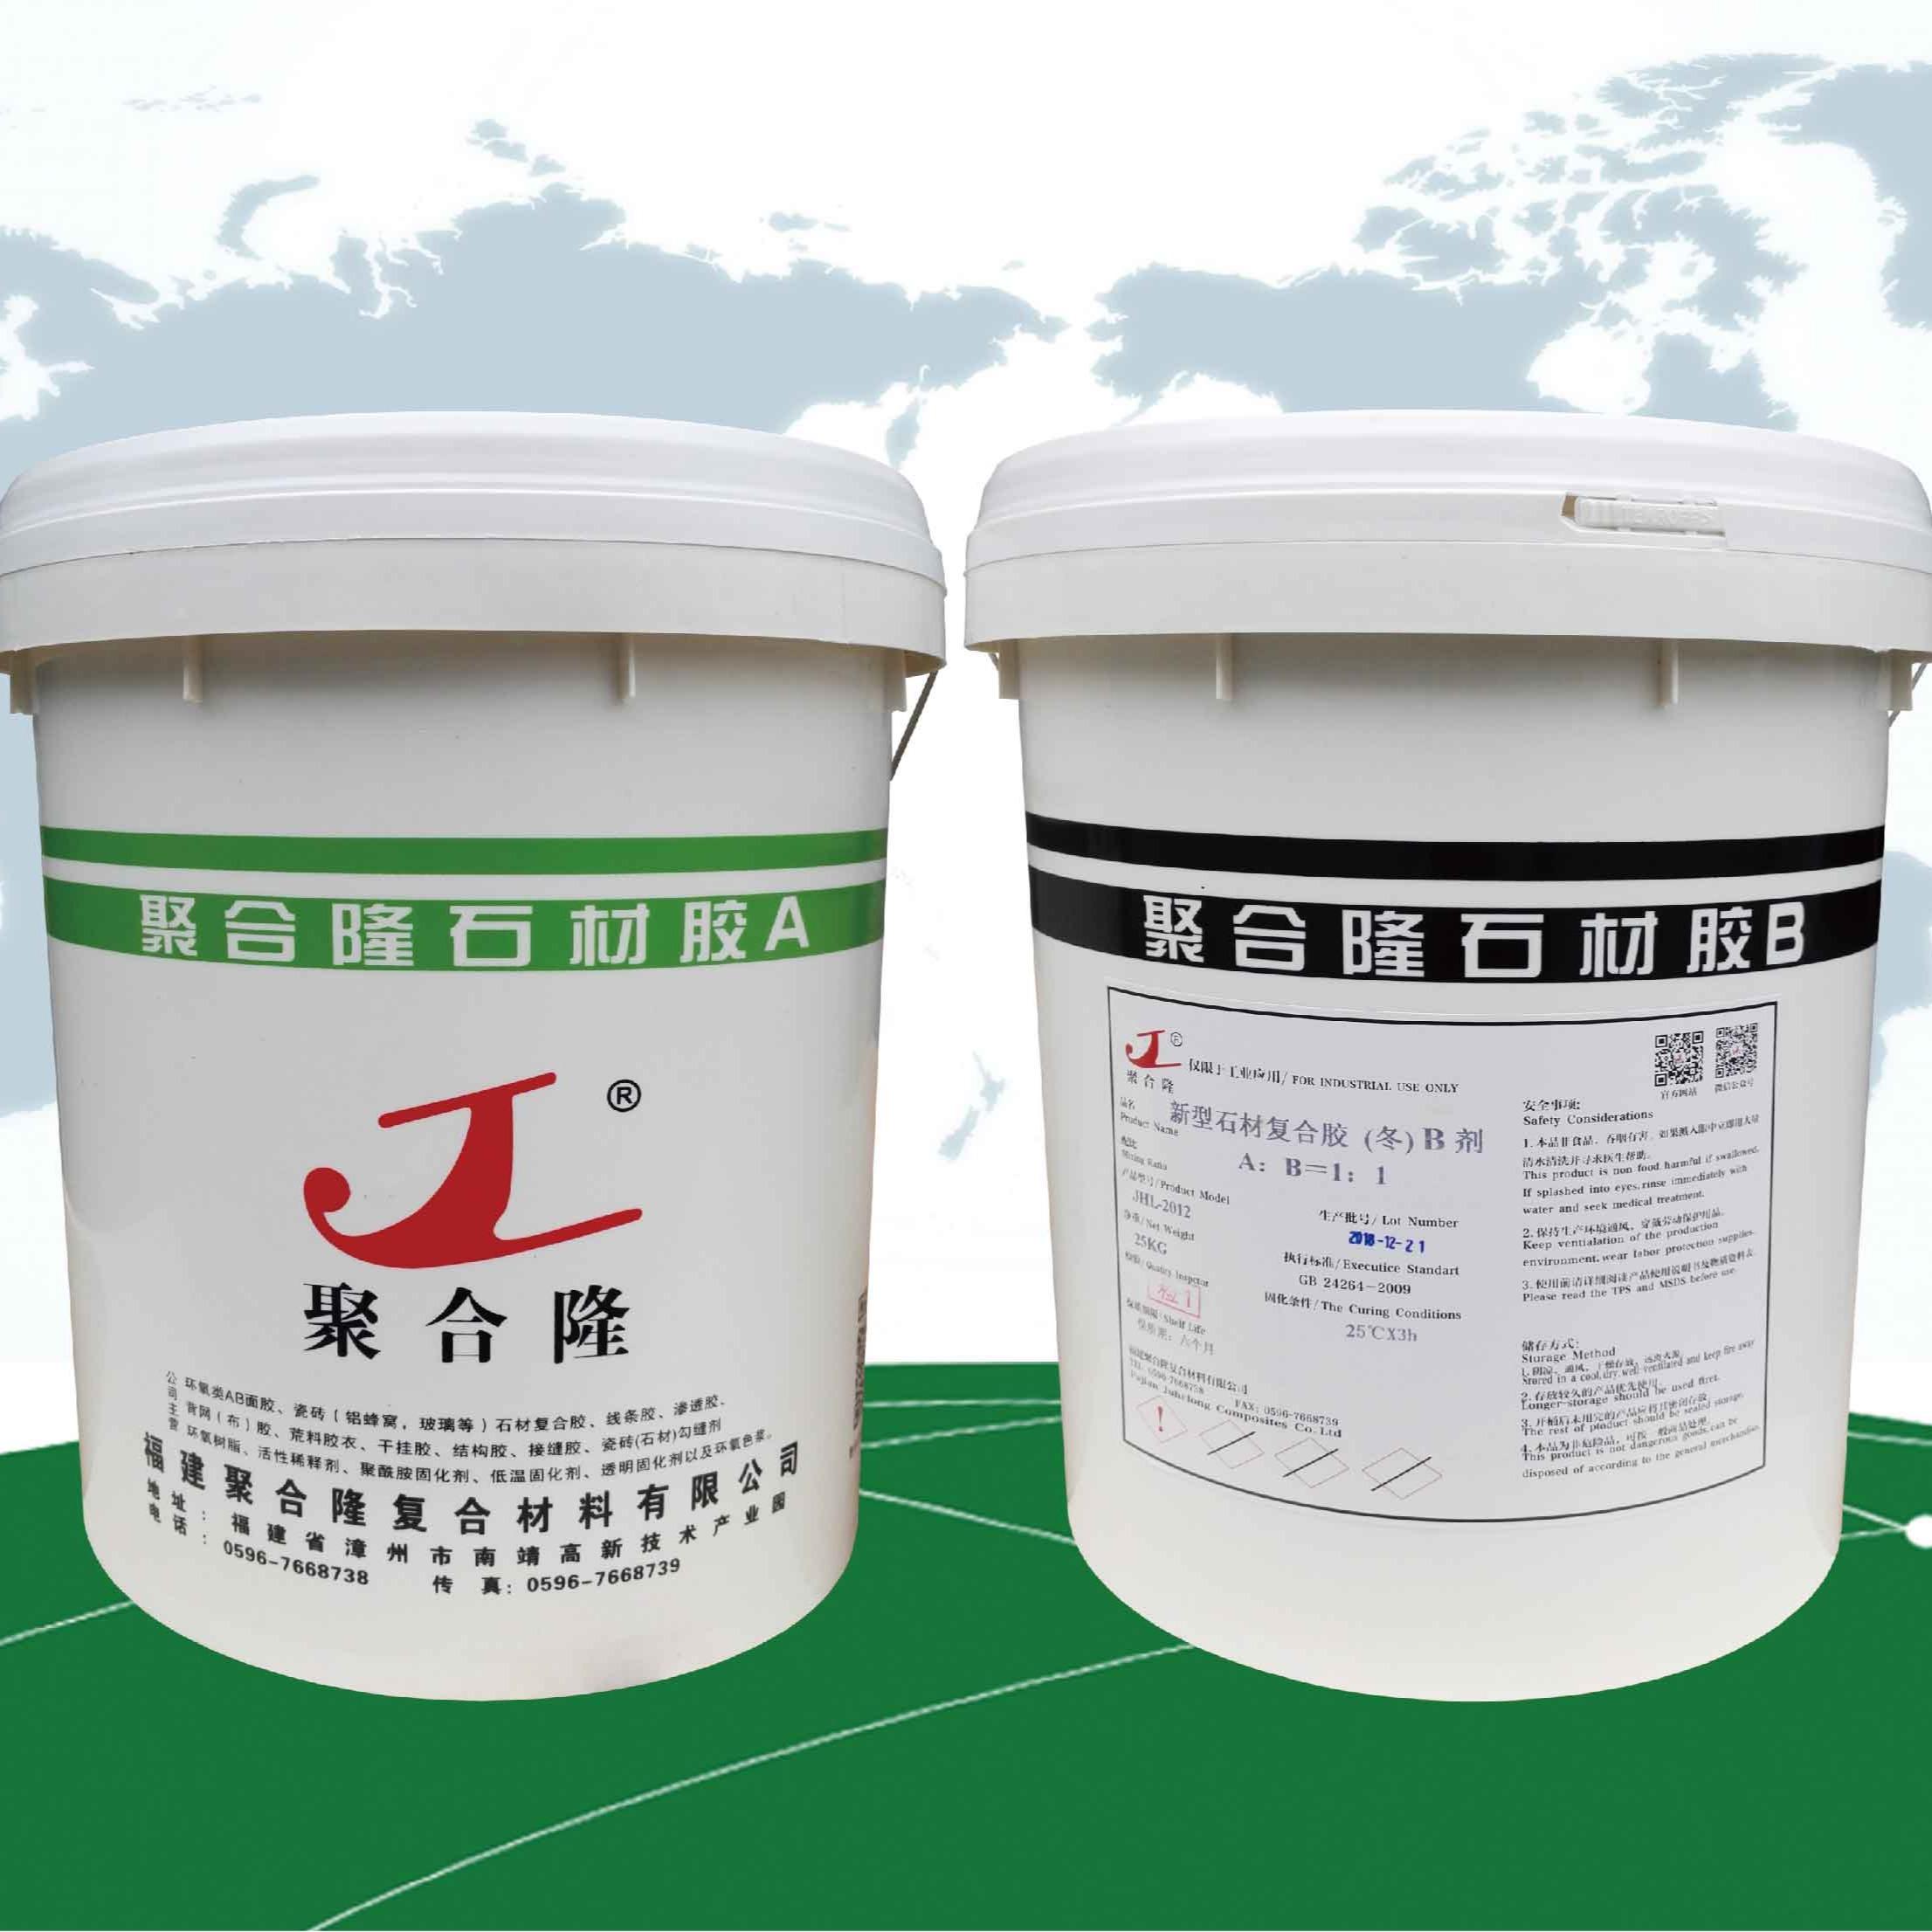 供应聚合隆大理石粘接剂 粘接牢固易操作的环氧树脂型AB胶